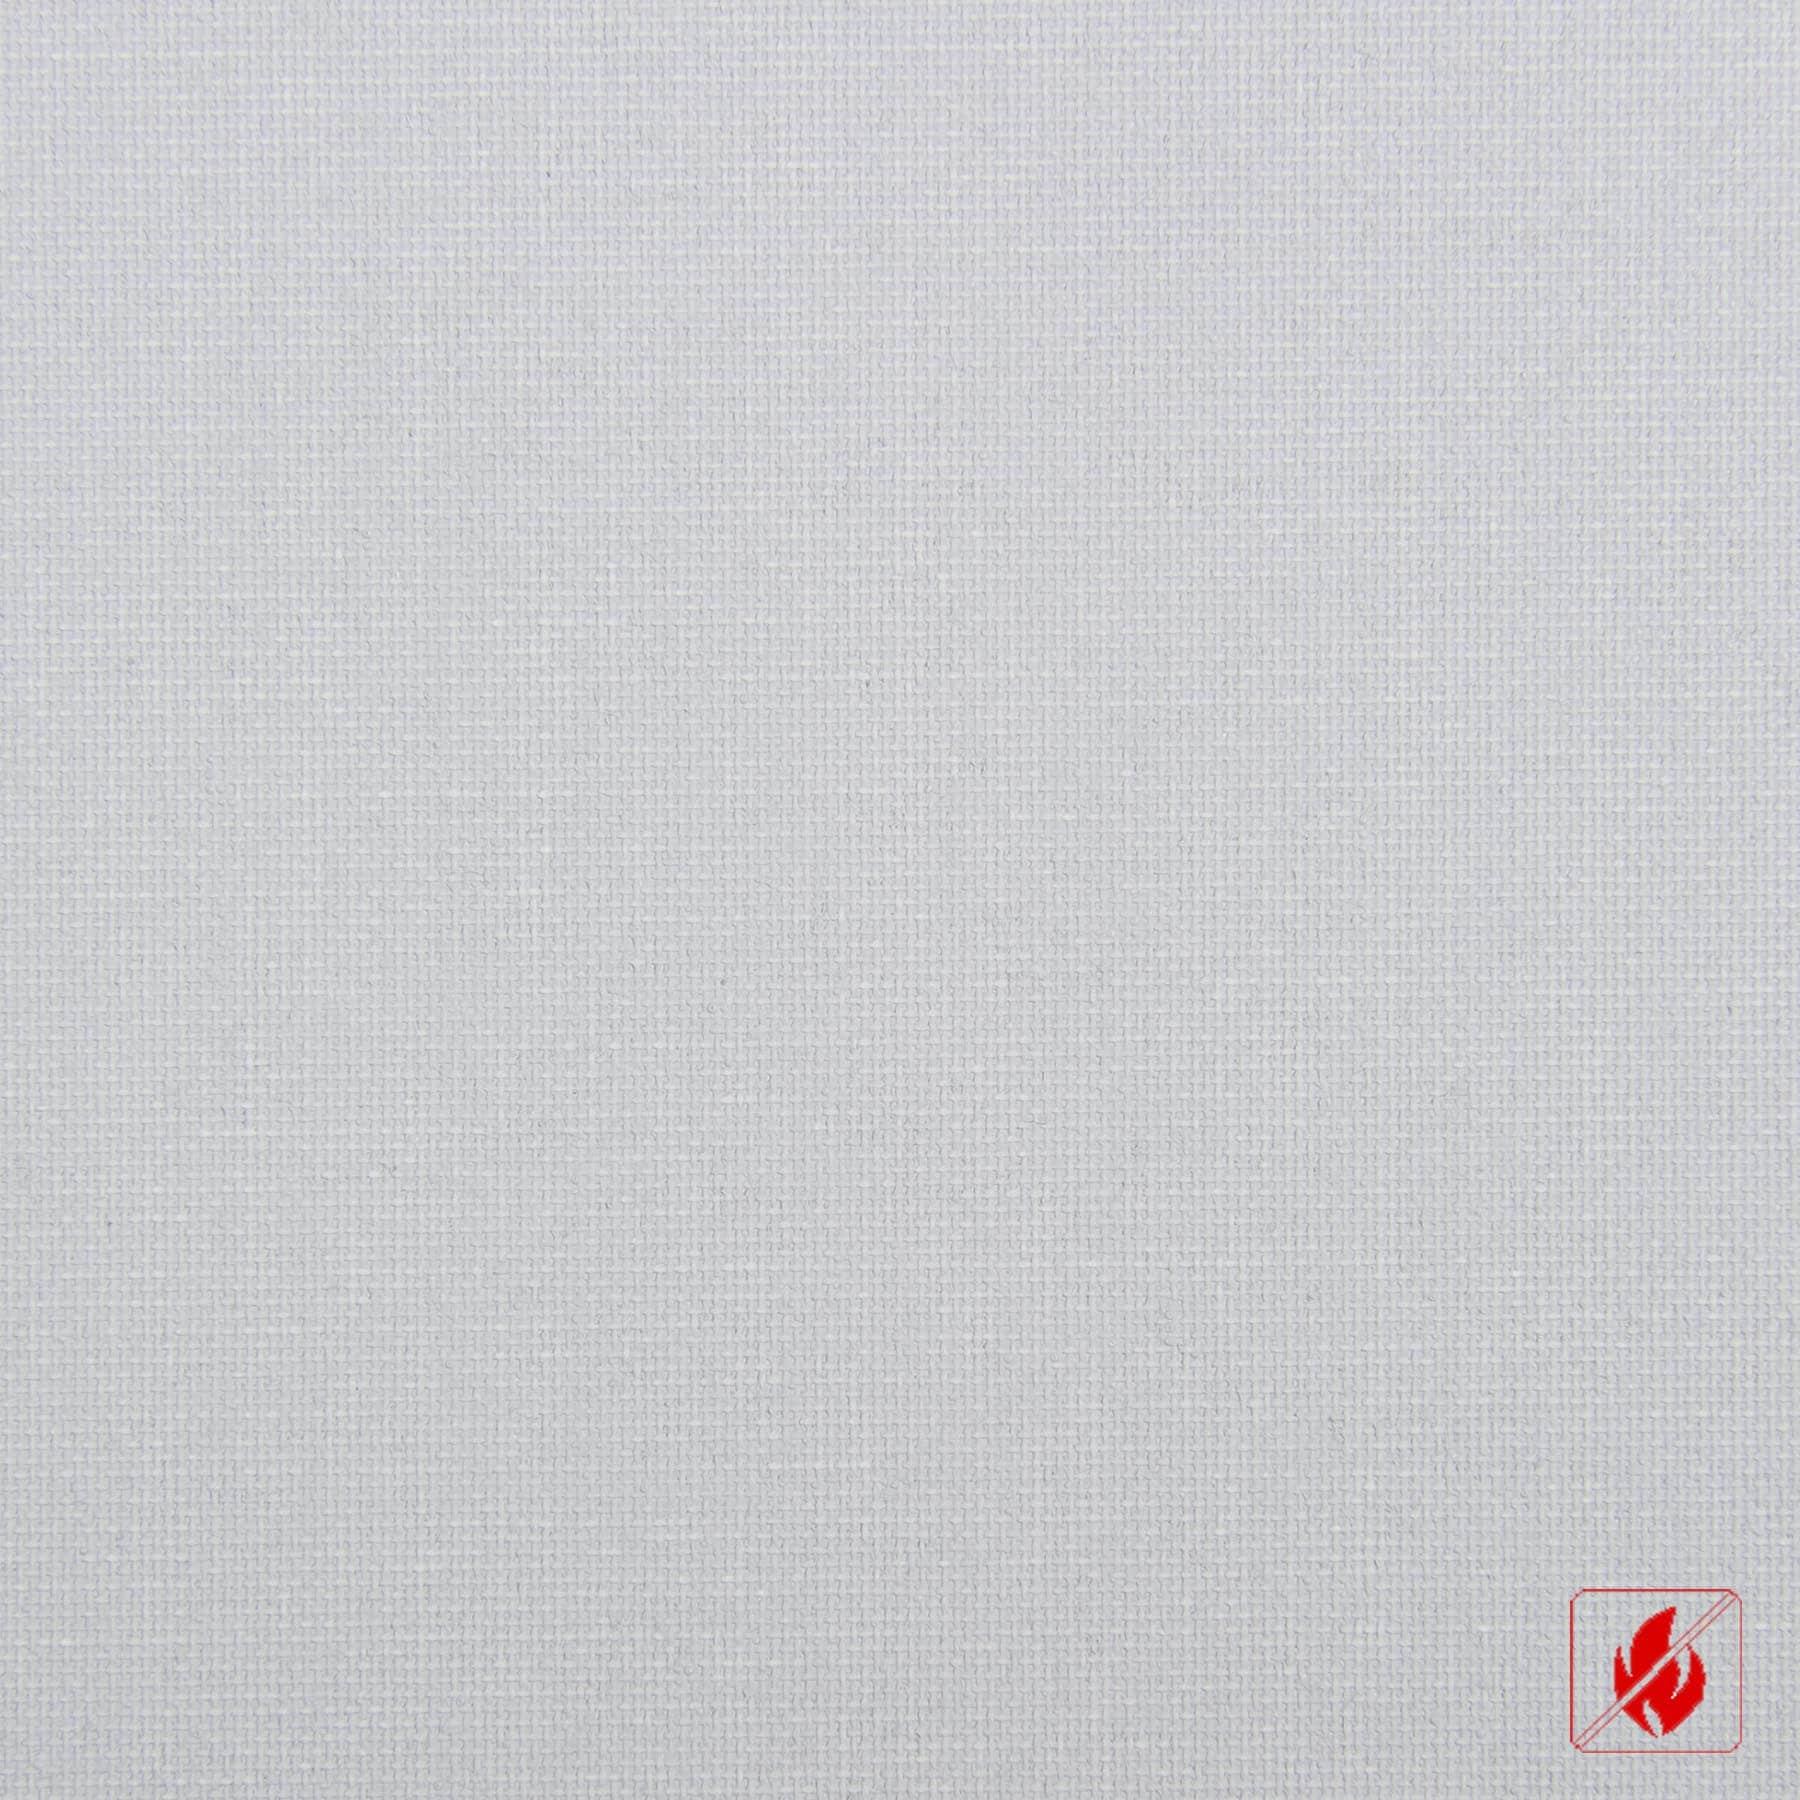 15006 - semi-transparant